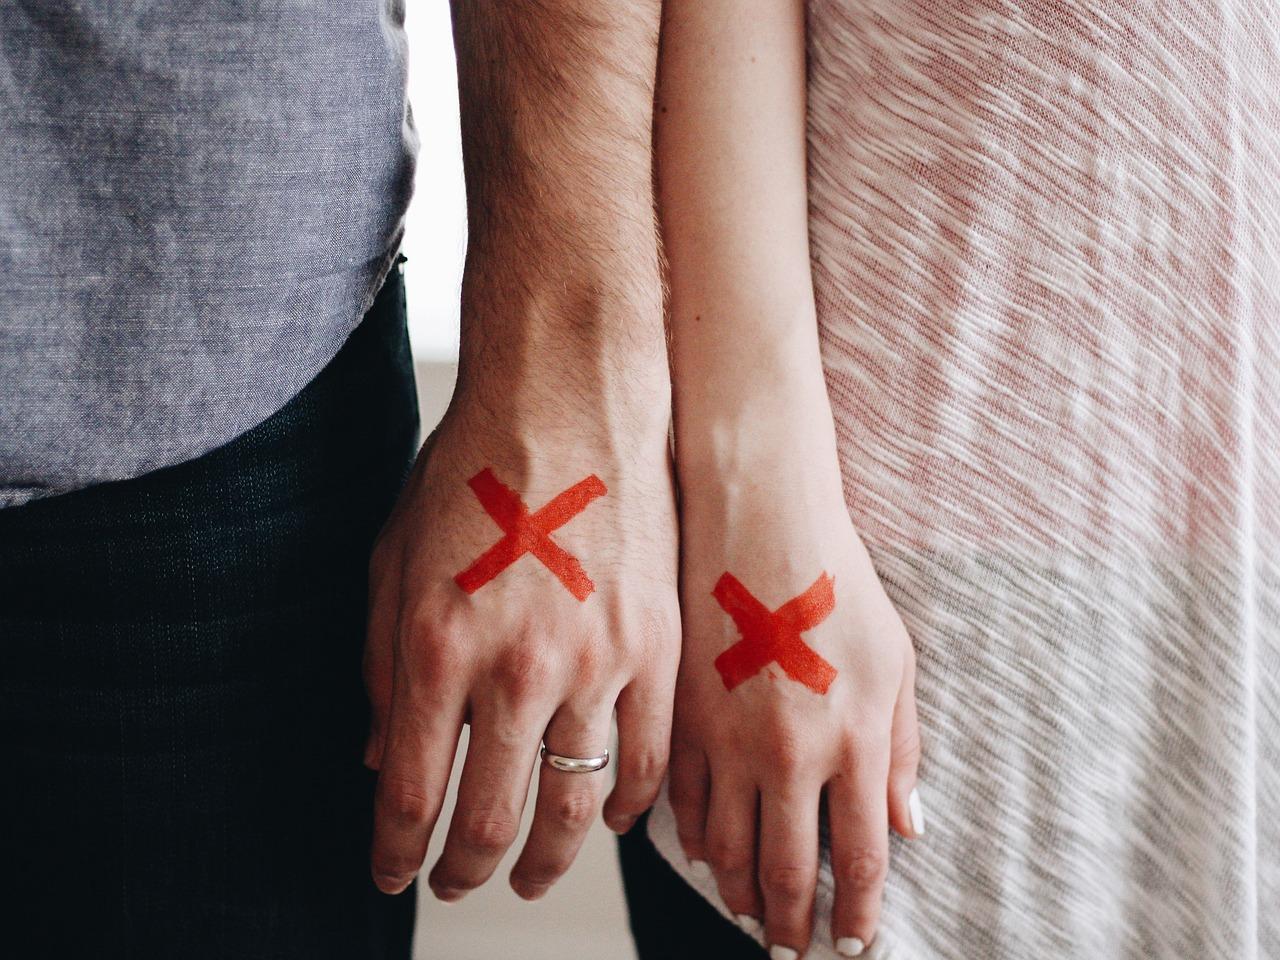 裁判所で必要な知識!調停の種類「家事と民事・離婚」まで違いを解説